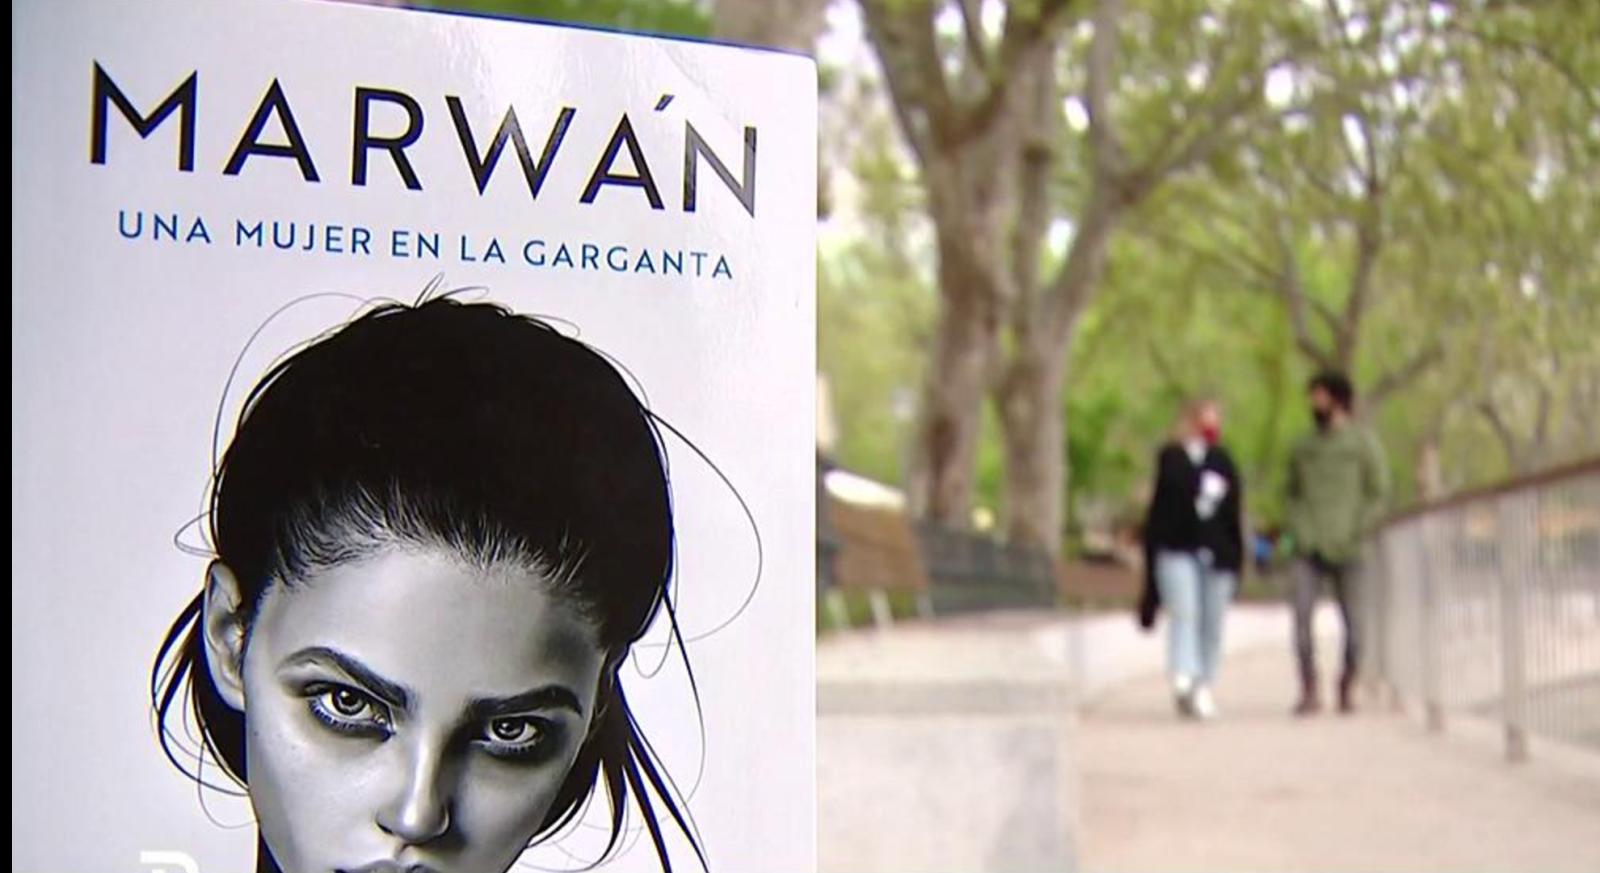 Marwan regresa a la poesía con 'Una mujer en la garganta'